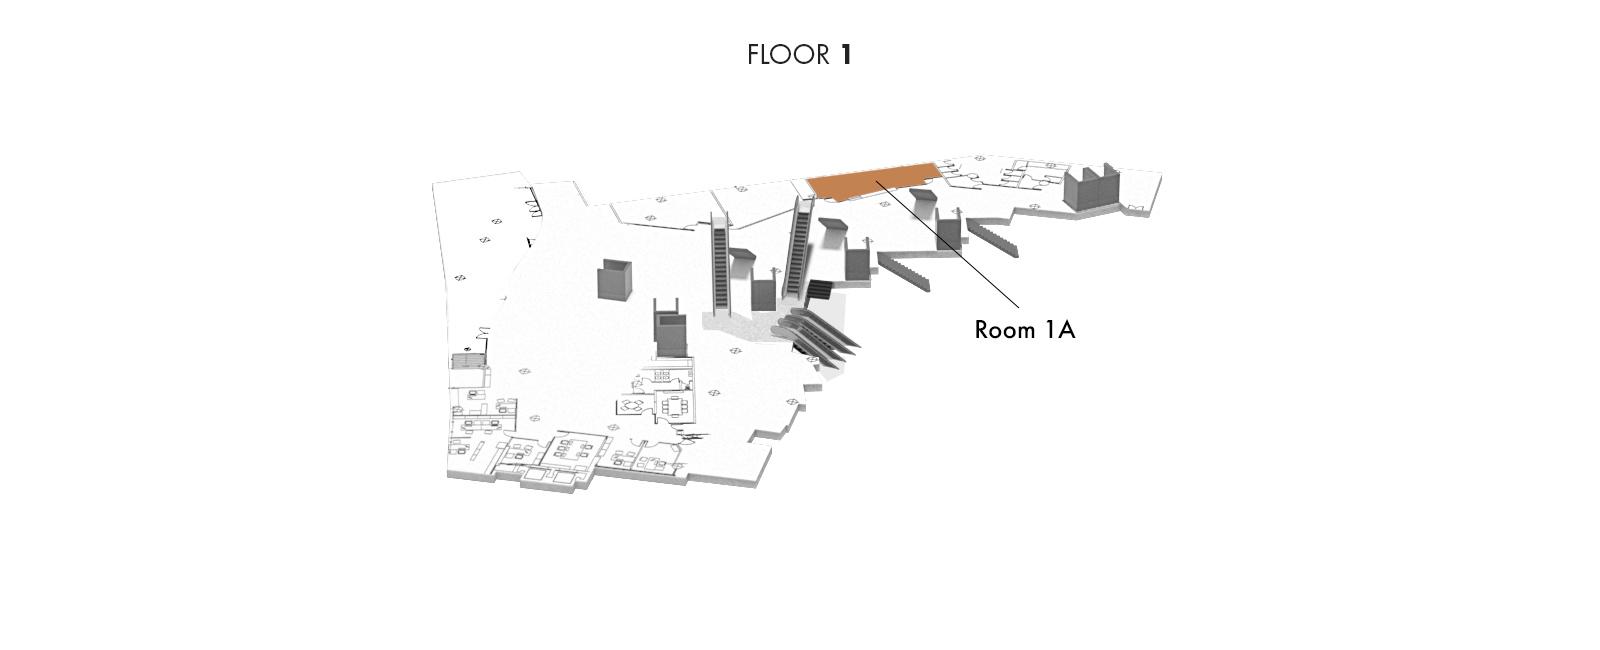 Room 1A, Floor 1 | Palacio Euskalduna Jauregia